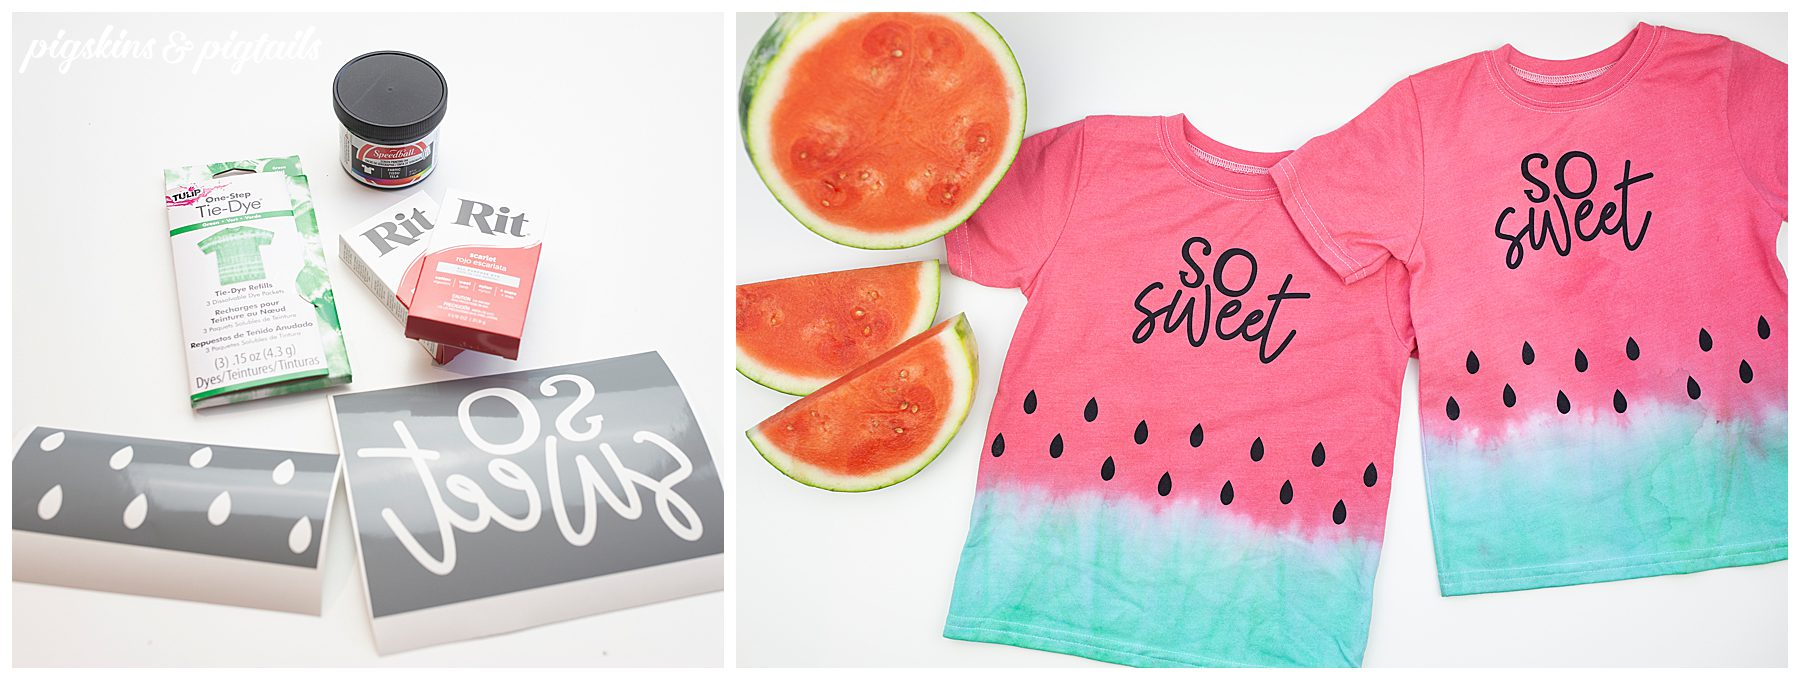 screen printing vinyl tie dye watermelon tutorial